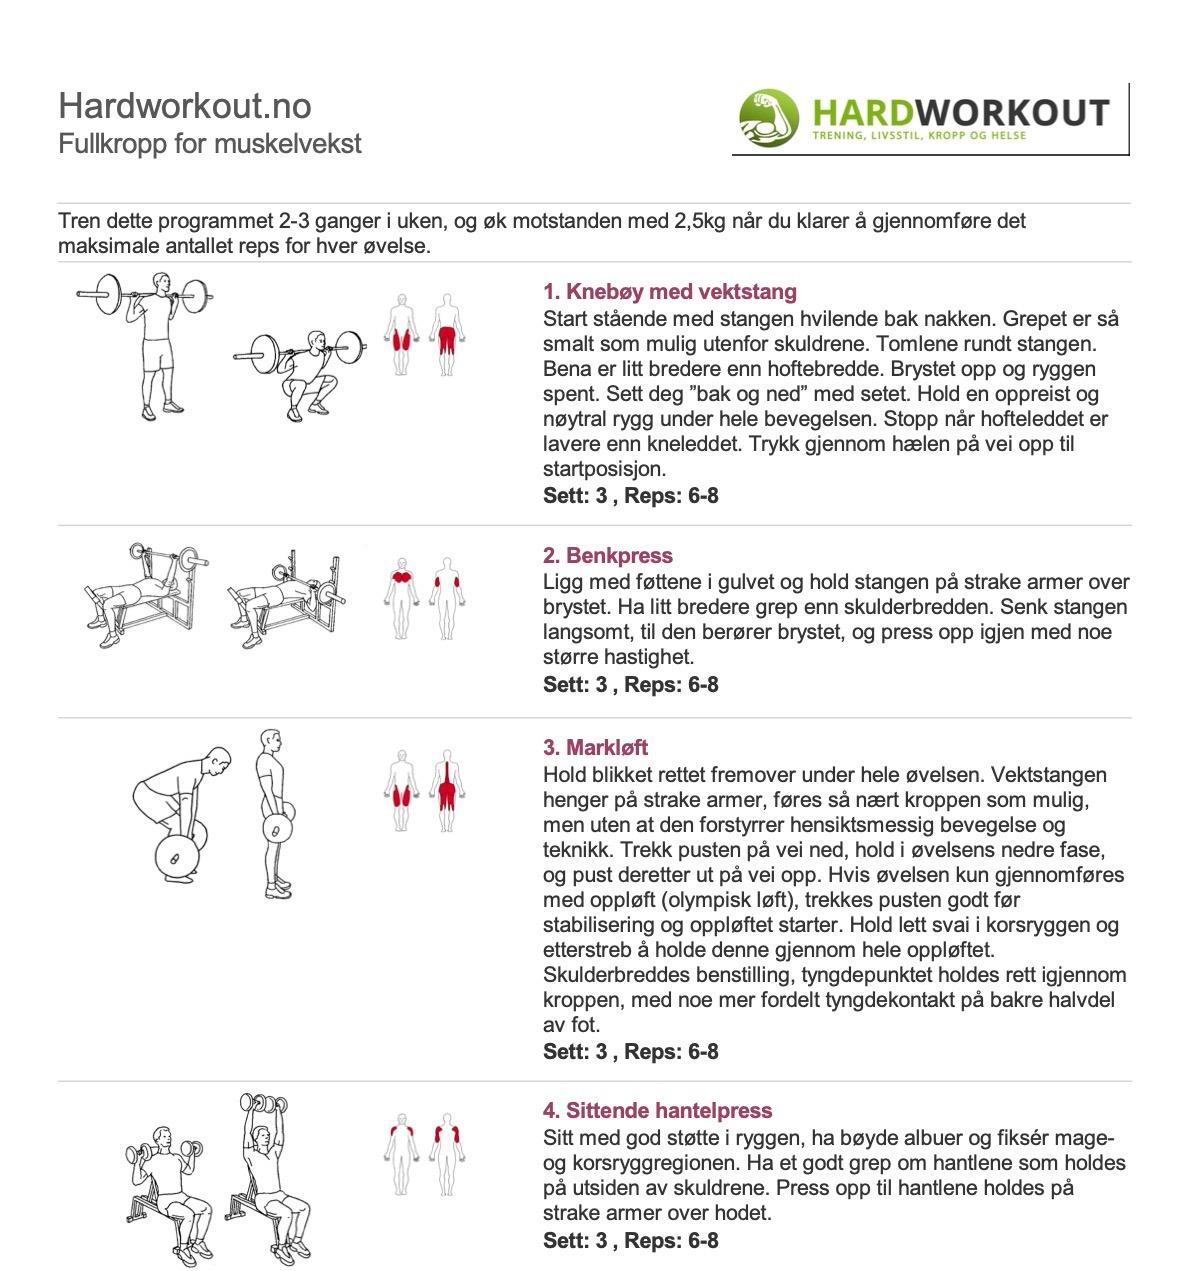 Fullkropp for muskelvekst